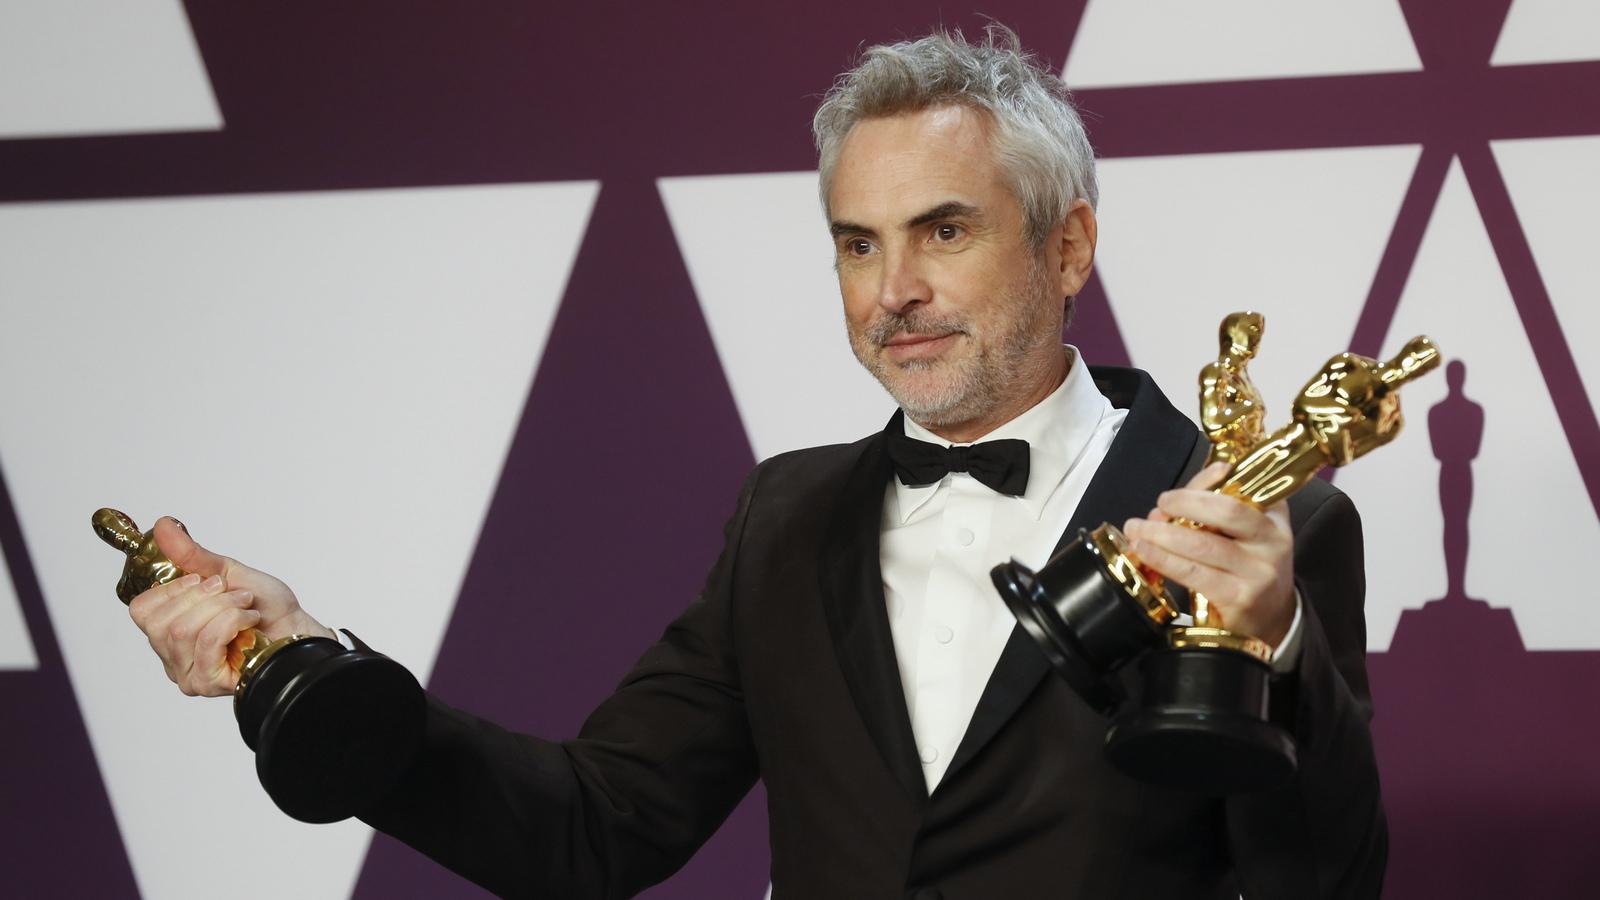 """Алфонсо Куарон взе """"Оскар"""" за най-добър режисьор, като това е трета му награда за тази вечер. По-рано той получи и наградите за най-добър чуждоезичен филм и най-добра кинематография, като за първи път един човек печели наградите за кинематография и режисура. Освен това """"Рома"""" номиниран и за най-добър филм."""